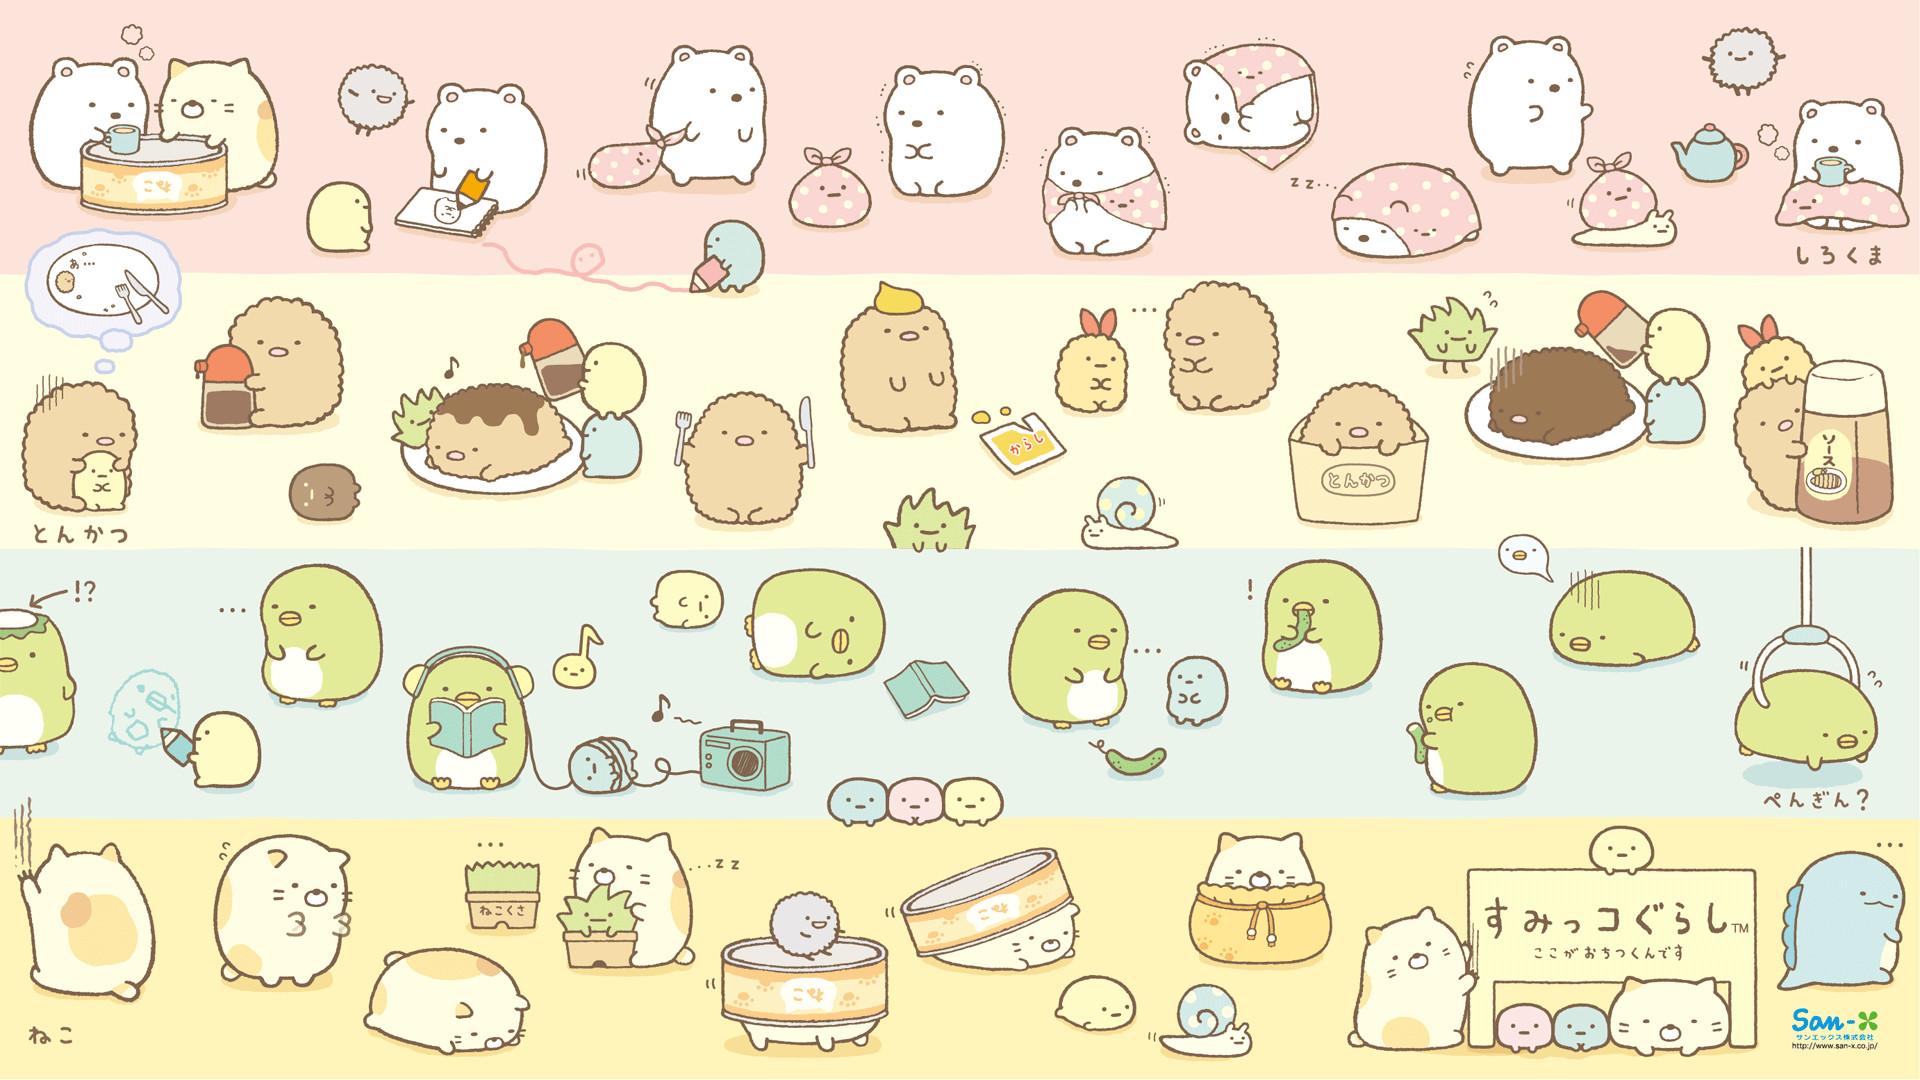 cute San X wallpaper collection 2013   Rilakkuma   Nyan Cat